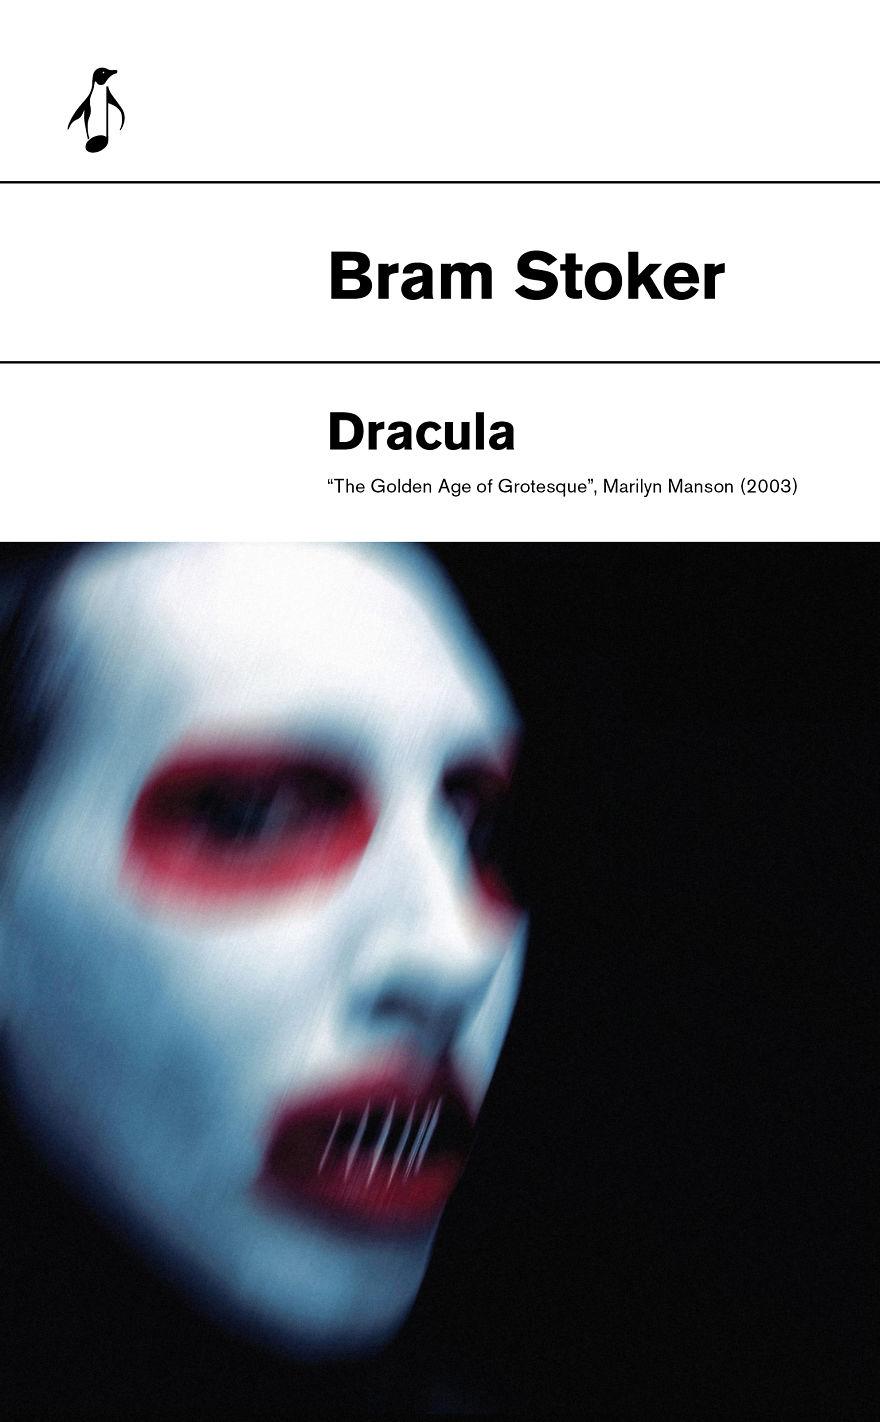 Spooky, Isn't It?